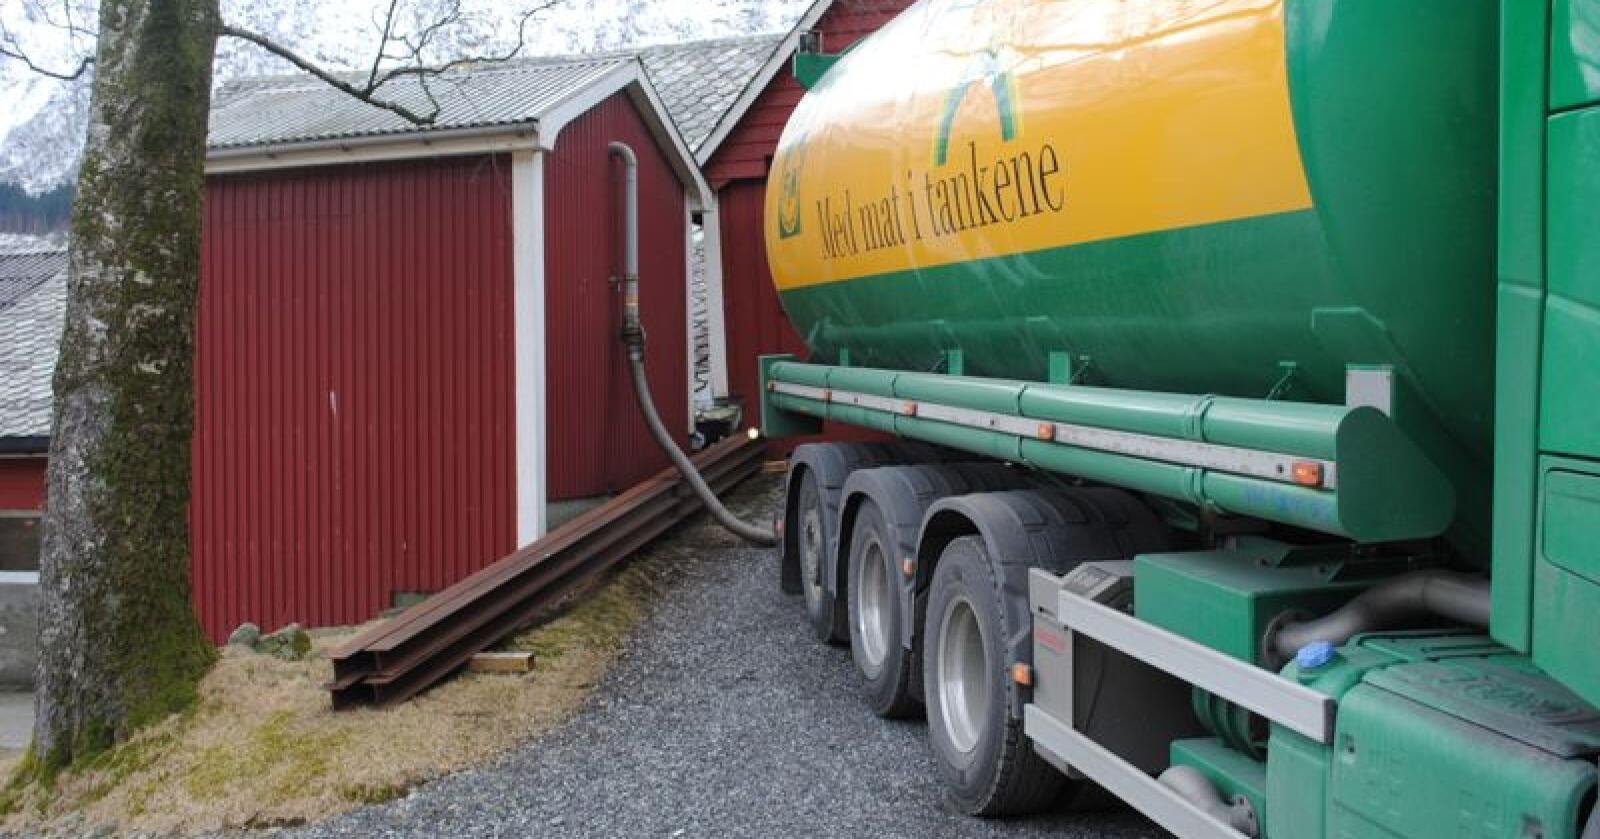 Det er i dag tre fabrikker som leverer kraftfôr til bønder på Vestlandet. Fabrikken i Florø er den minste av de tre, og produserer rundt 40 000 tonn kraftfôr årlig.  (Foto: Karl Erik Berge)